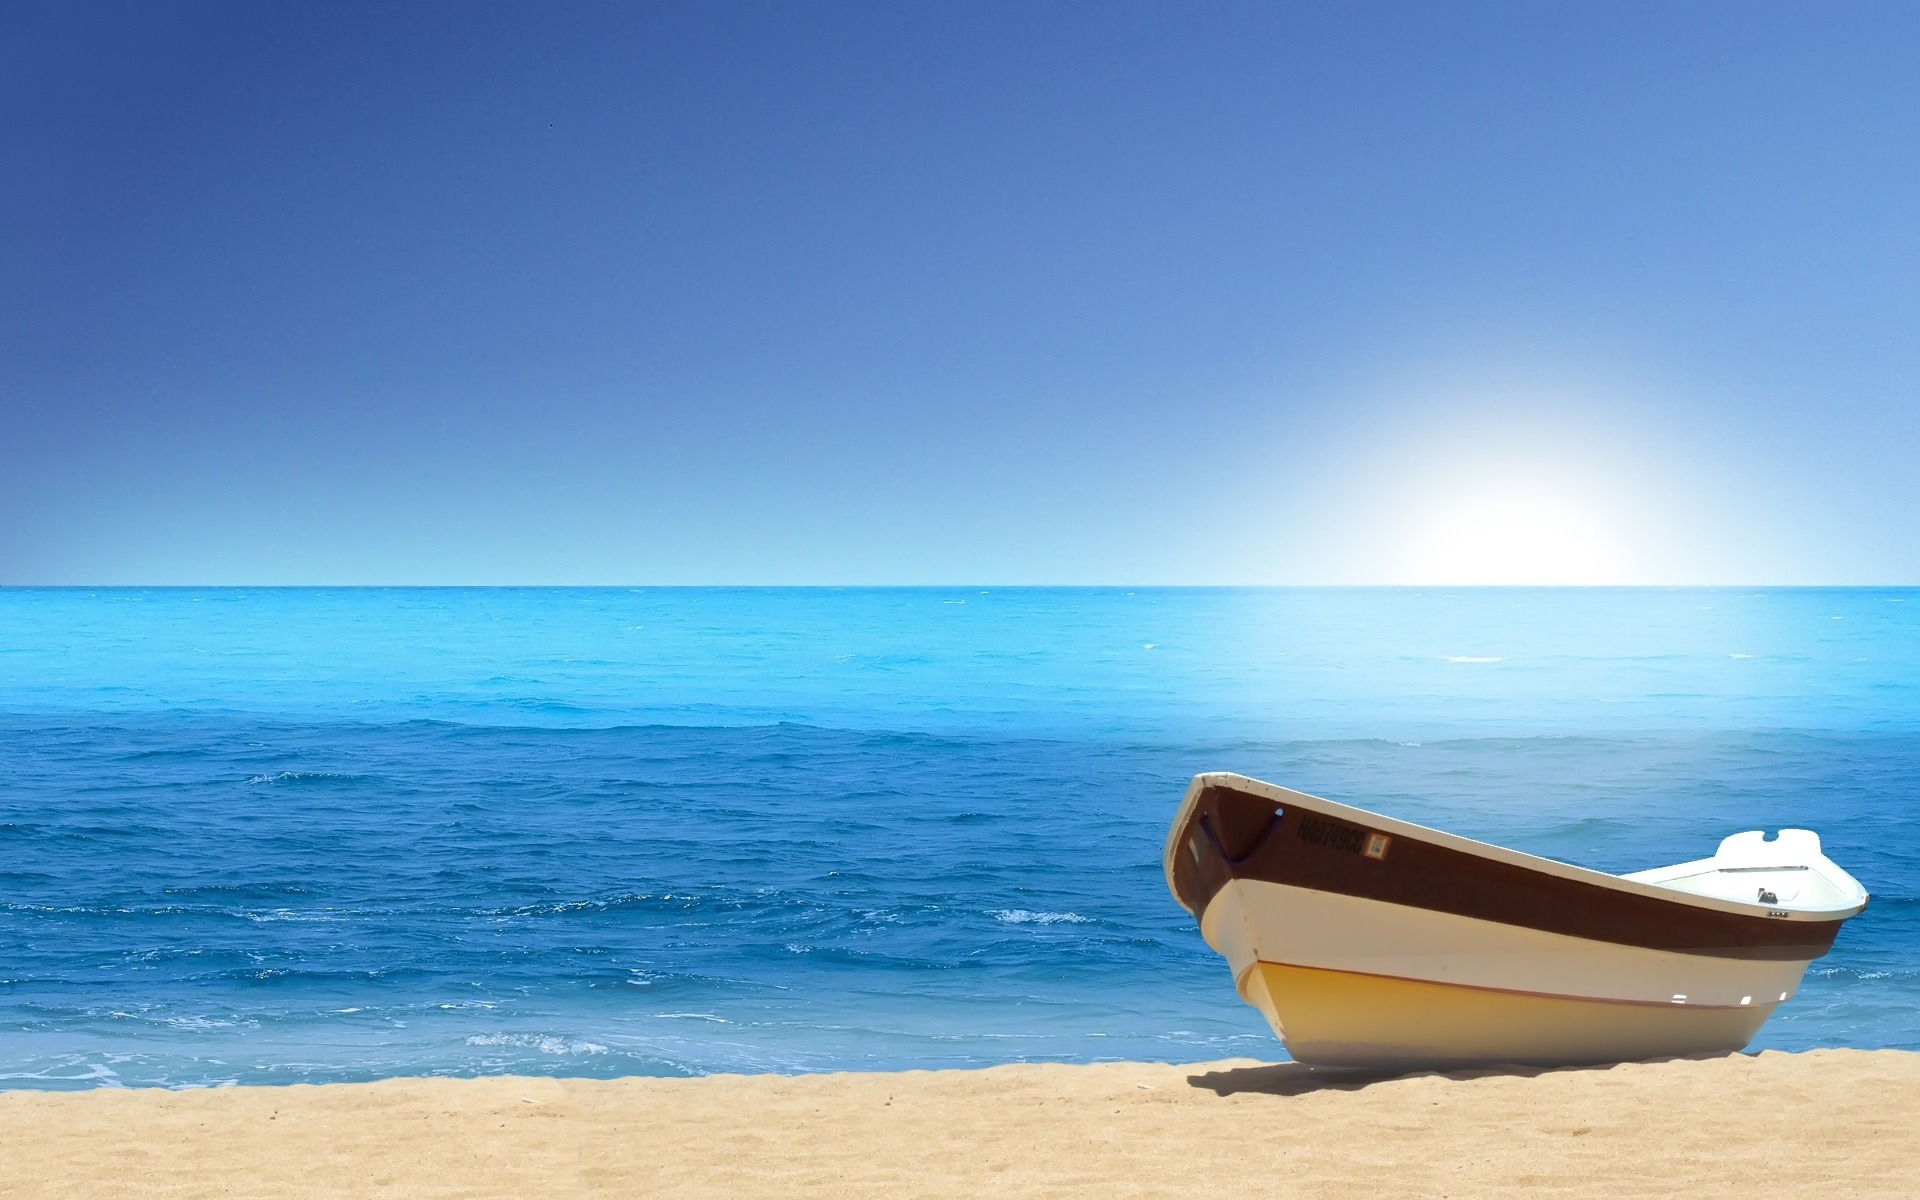 Paradise Beach HD desktop wallpaper Widescreen High Definition